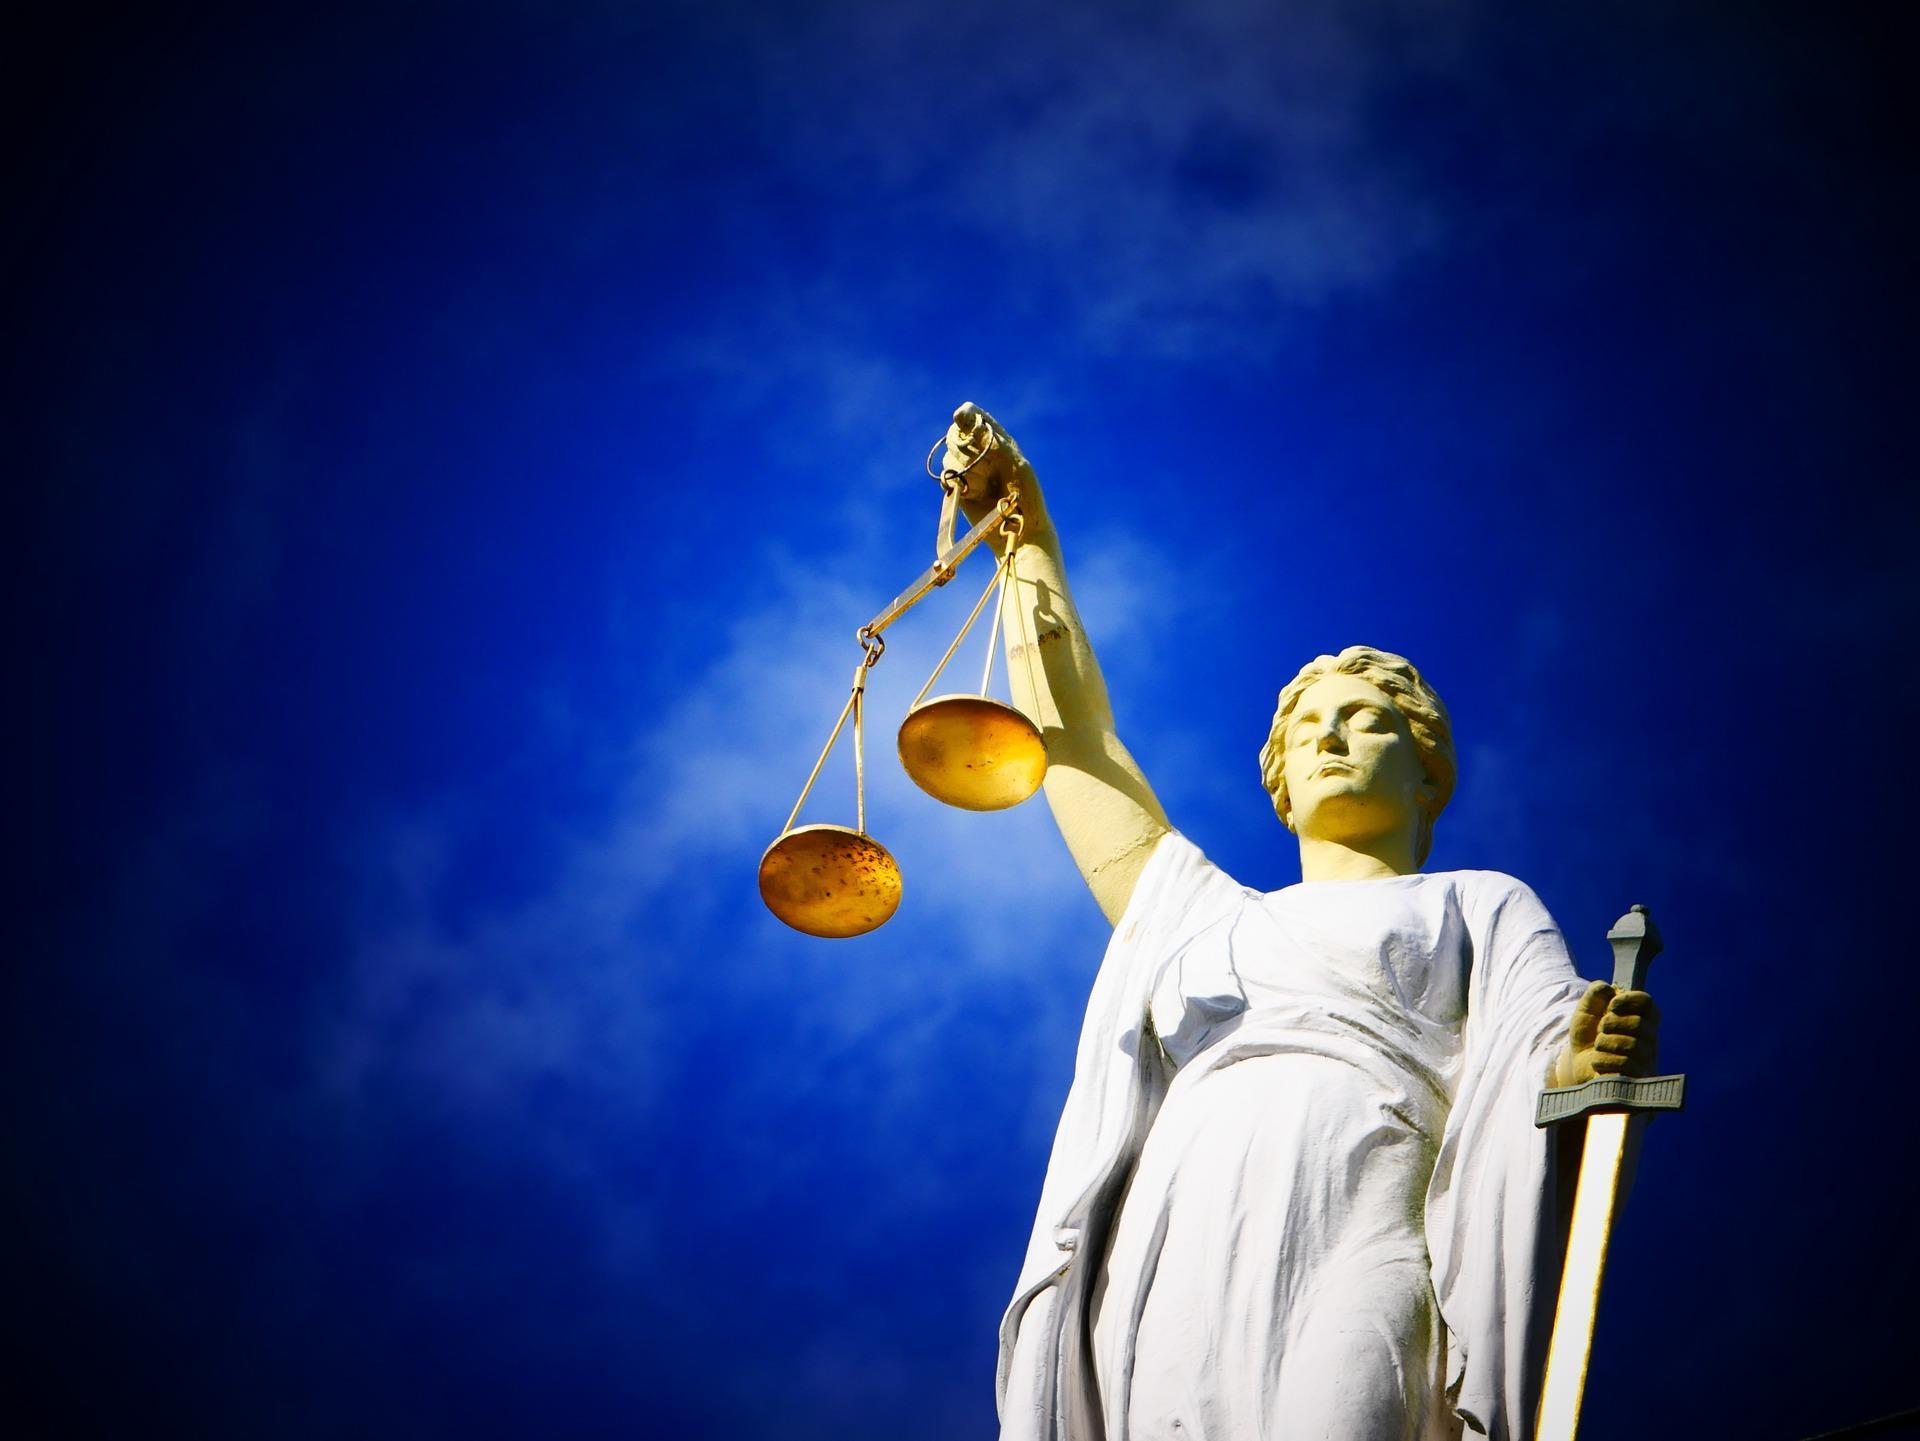 Onteigeningsprocedure huis in bocht Middenweg gaat volgende fase in. Rechtbank benoemt deskundigen